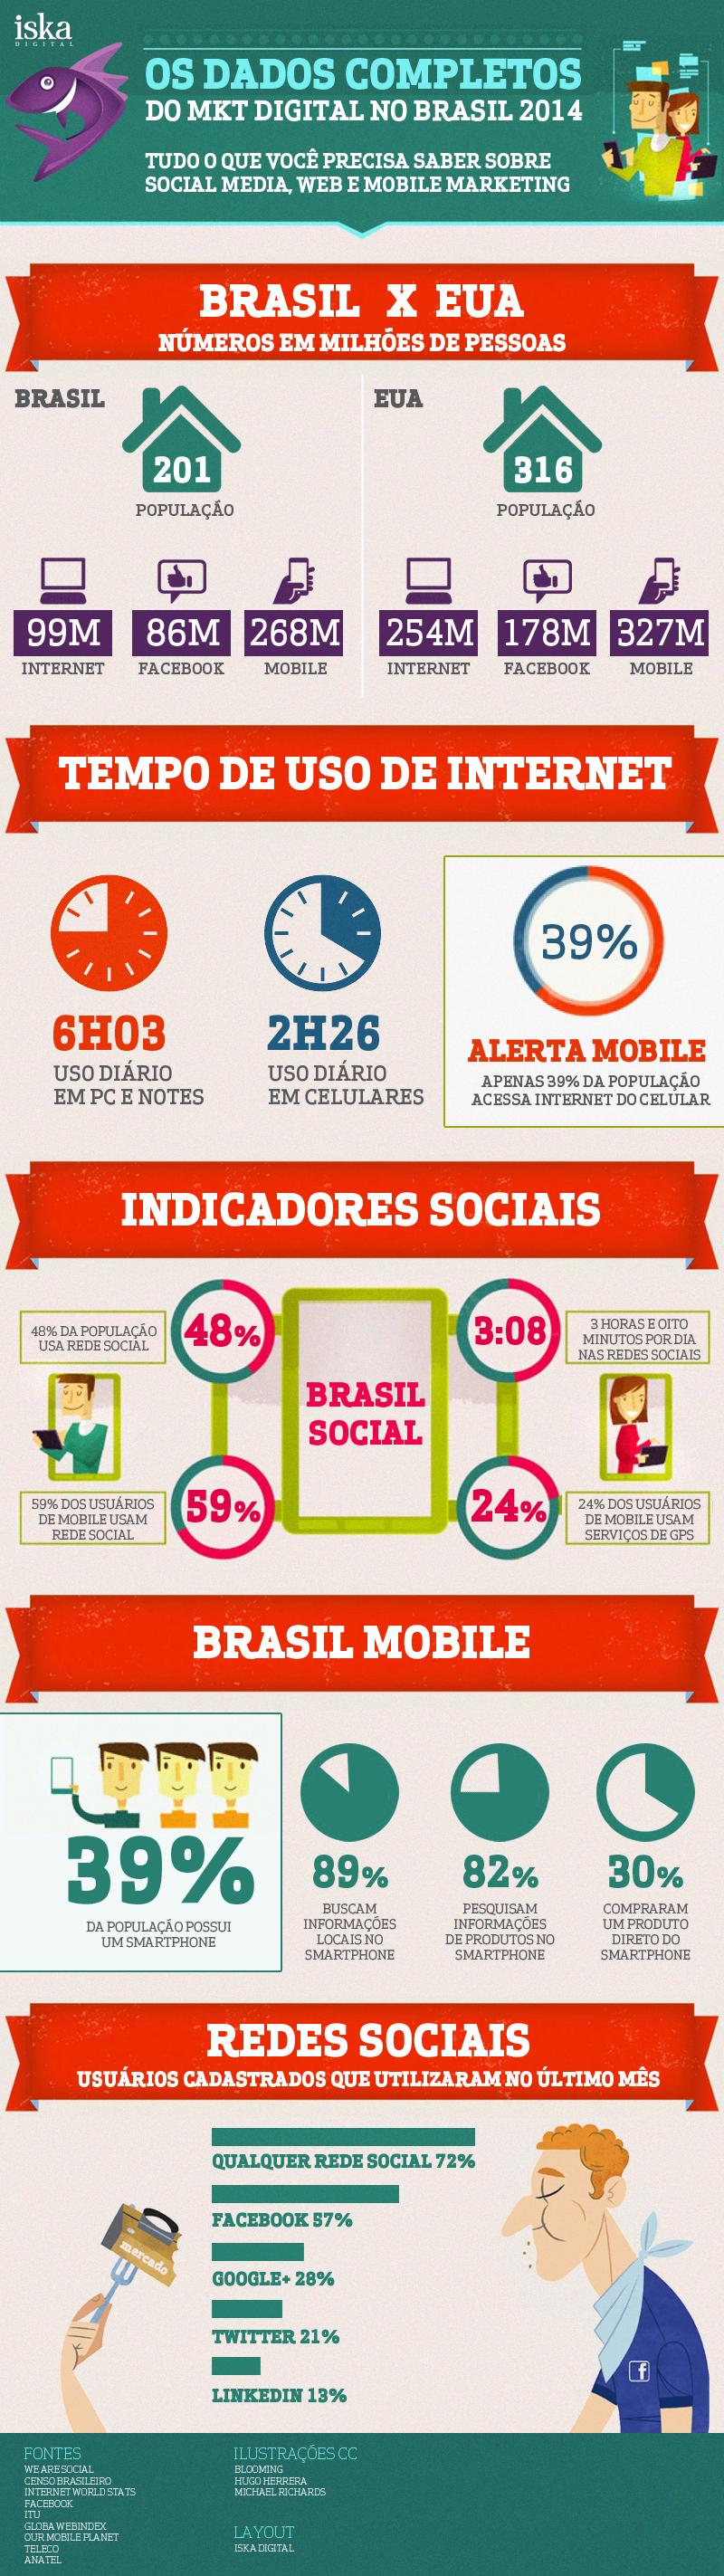 infografico-marketing-digital-brasil-2014